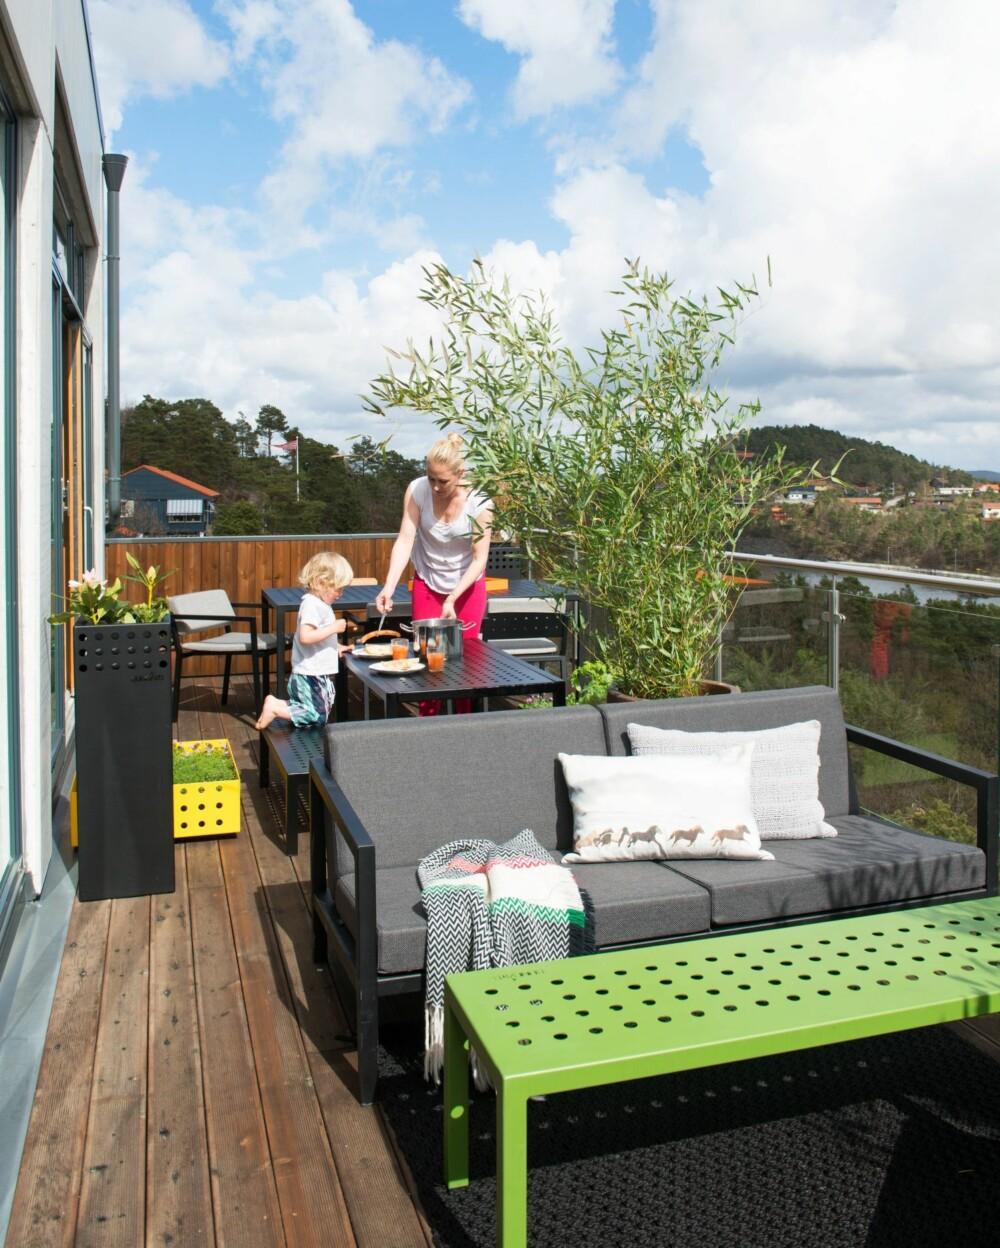 MØBLERT TERRASSE MED UTSIKT: Rekkverket i glass sørger for optimal utsikt fra terrassen. Alle møblene er fra Belindas eget firma, Sundays Design.